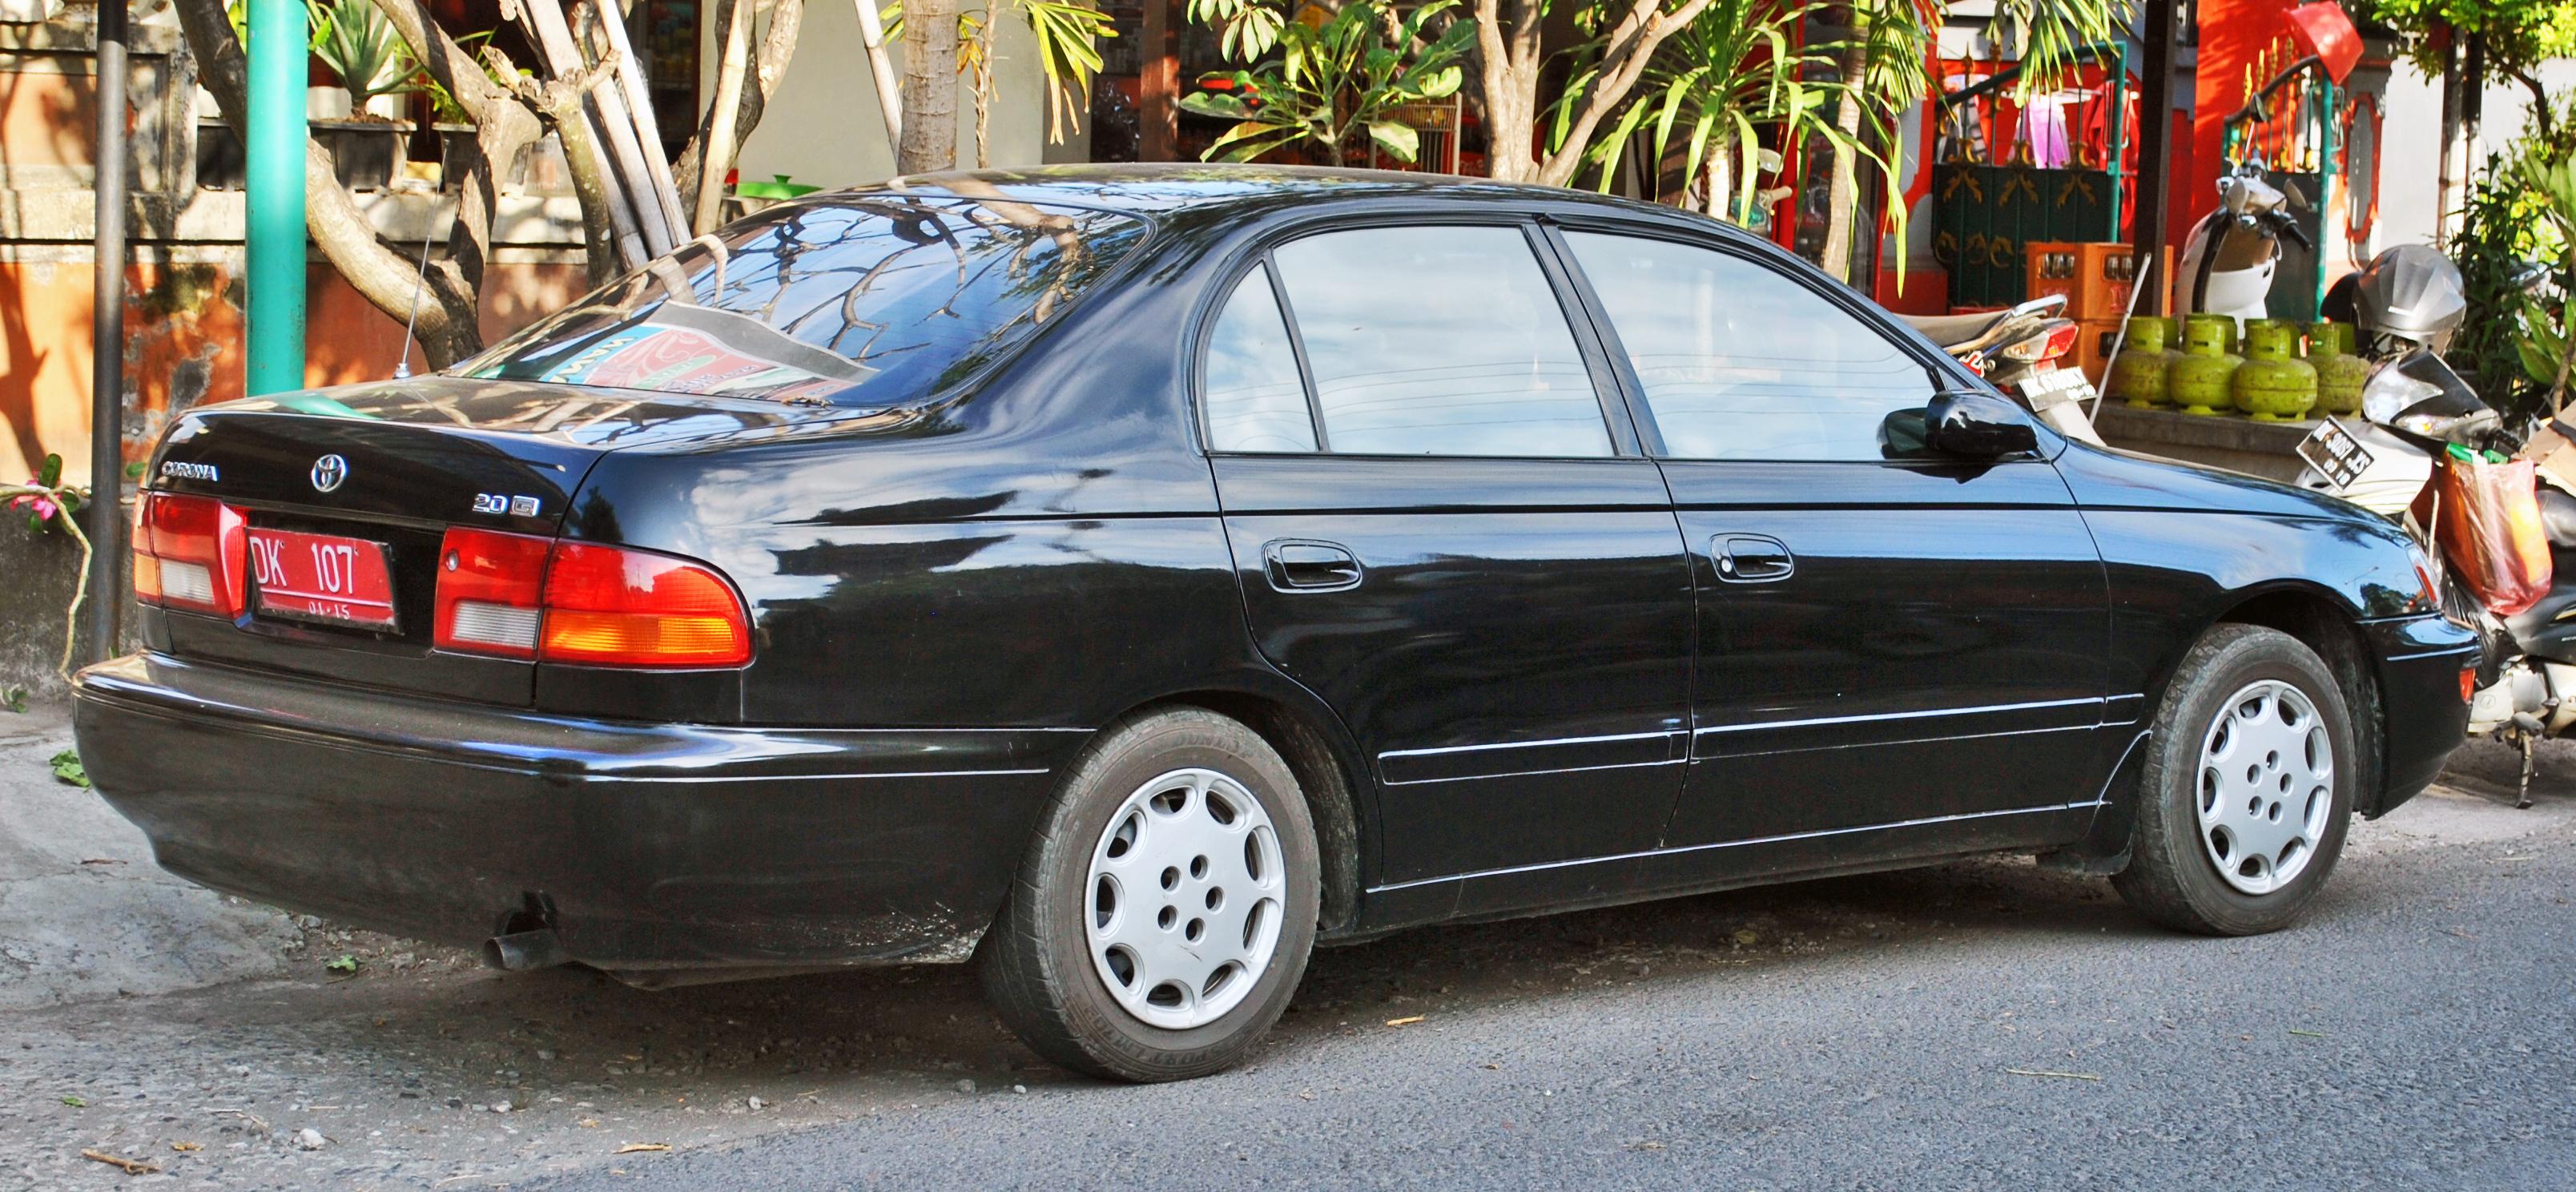 Toyota corona wikipedia autos post for Honda corona service